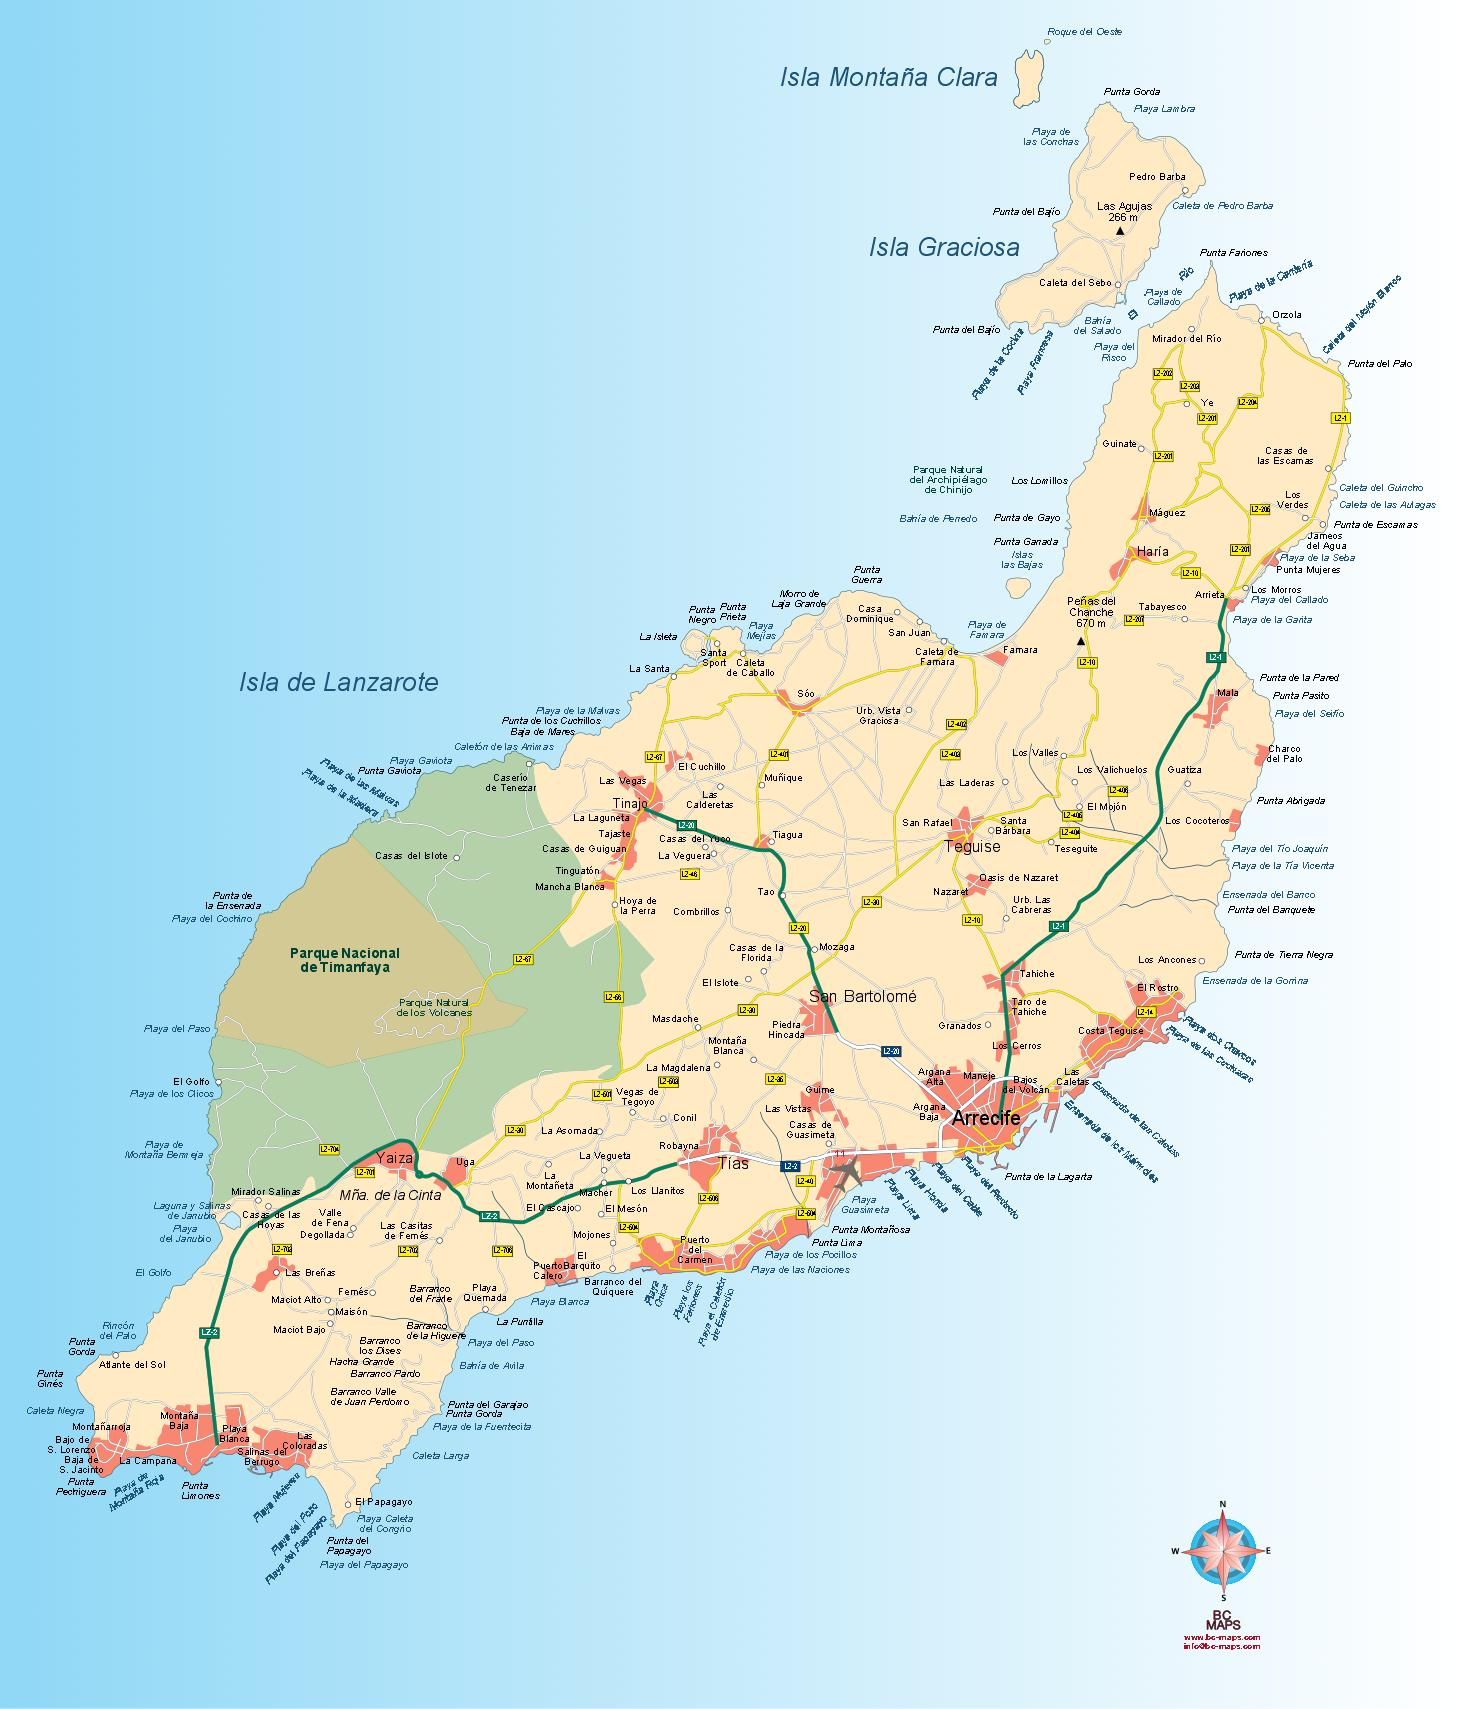 Isla De Lanzarote Mapa.Mapa Vectorial Isla De Lanzarote Eps Illustrator